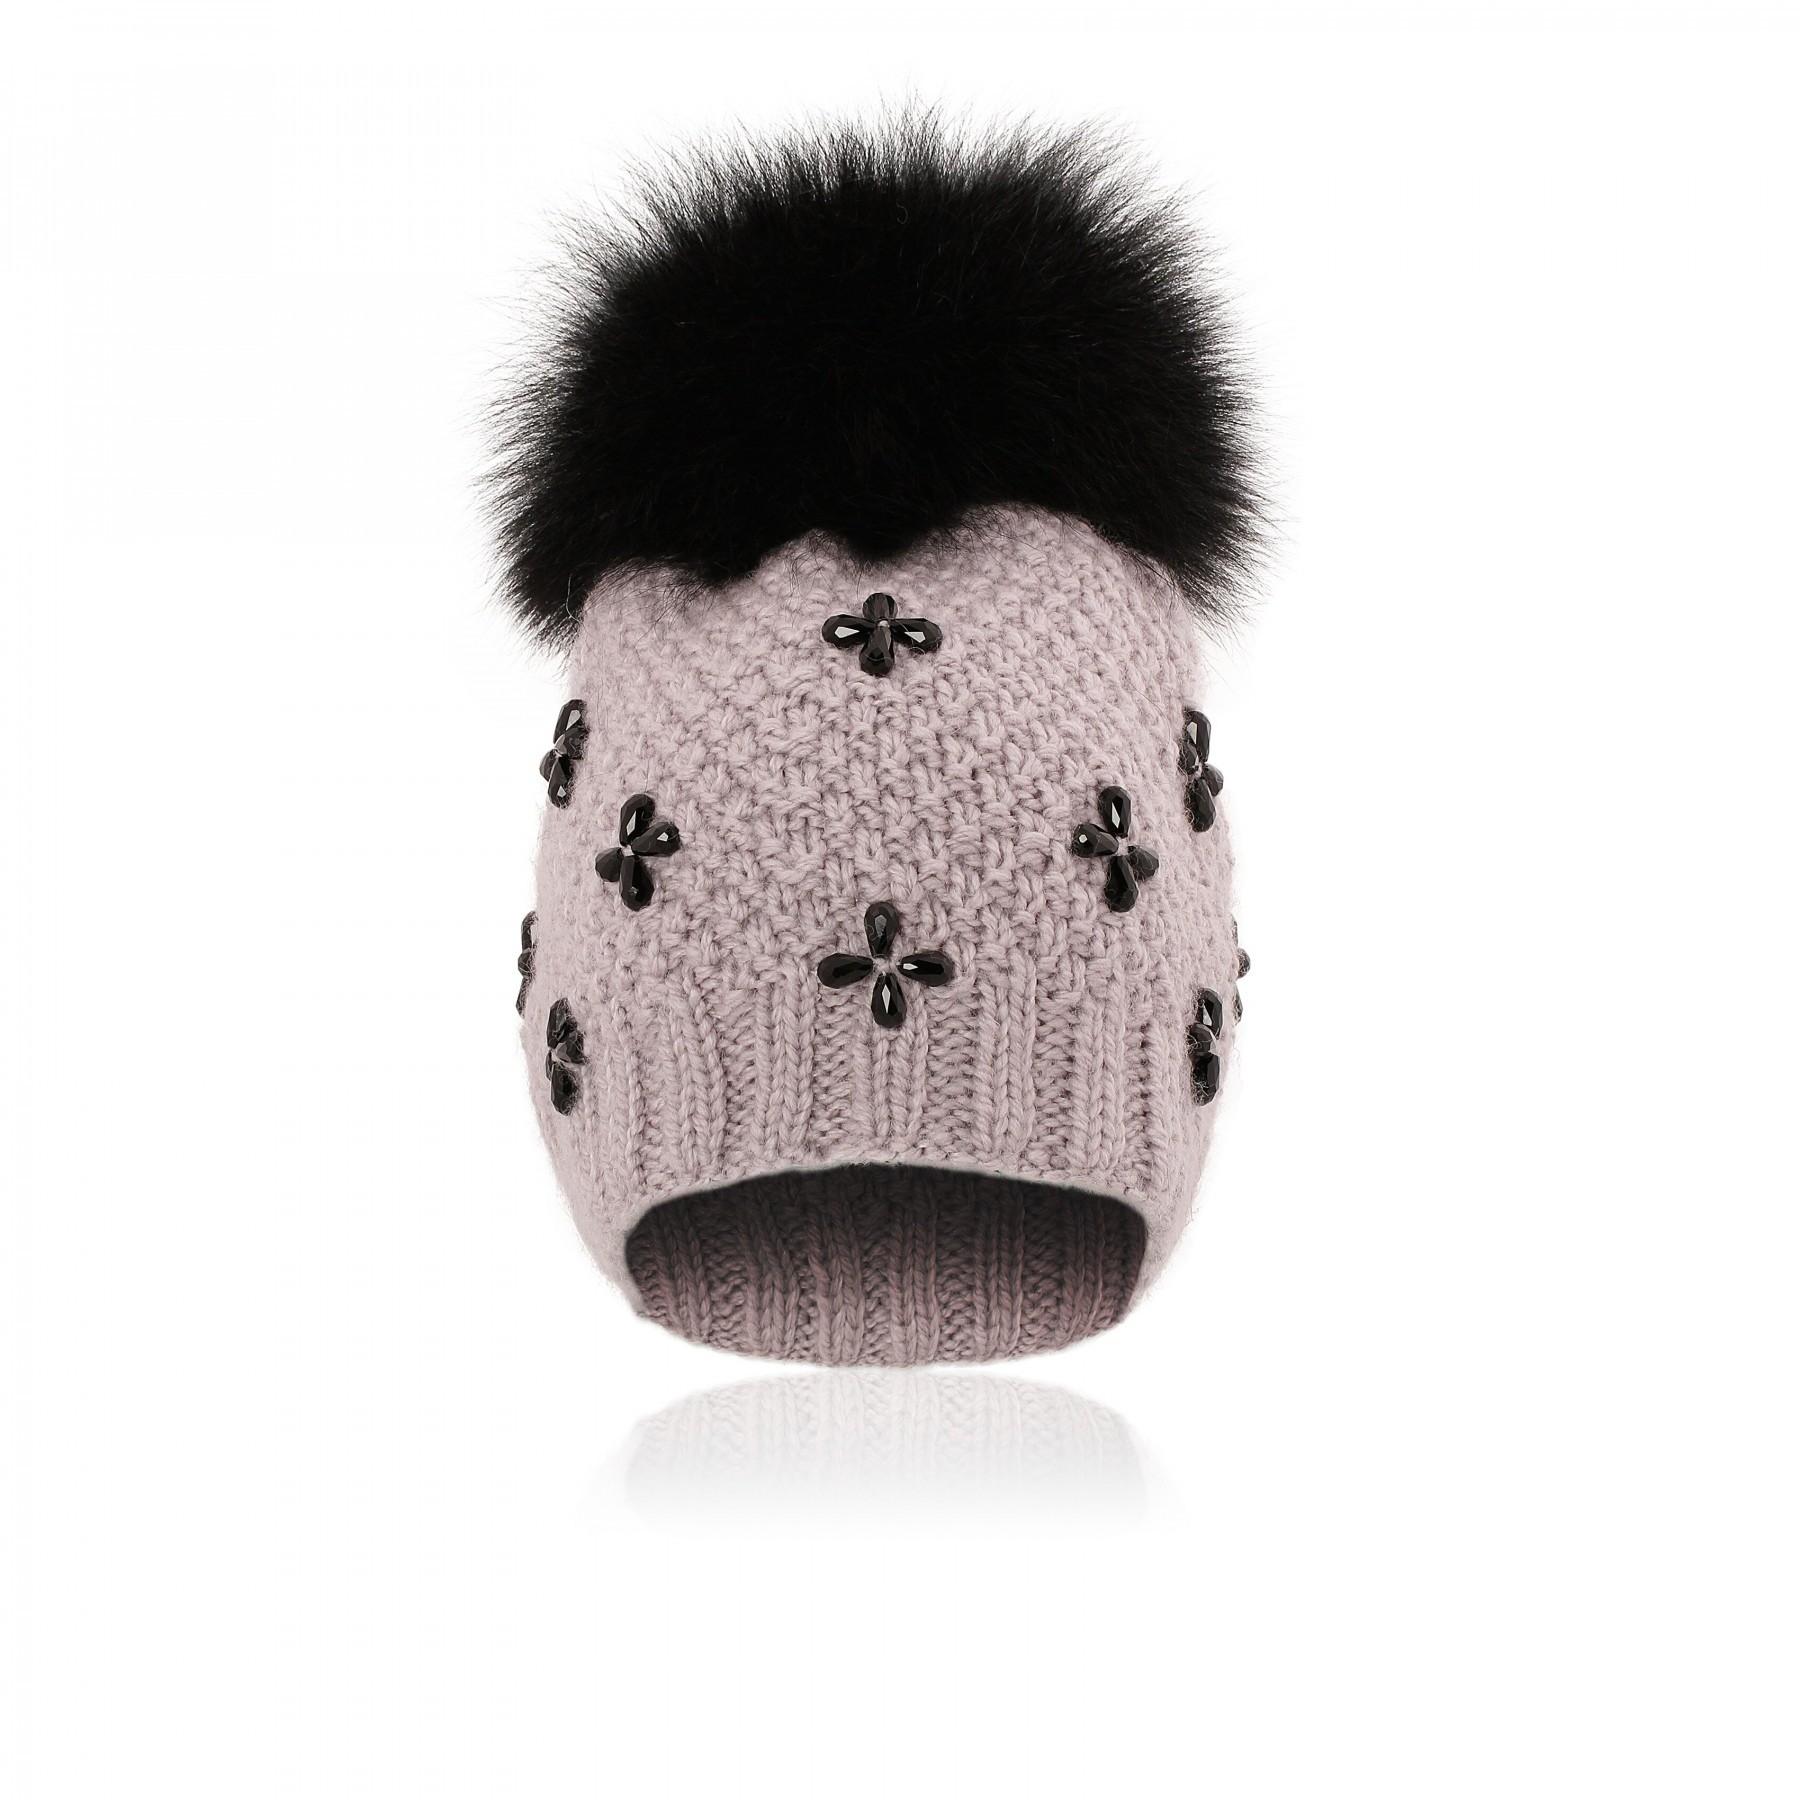 В гардеробе европейки можно встретить широкополую шляпу, шапку крупной вязки, изящный берет нафранцузский манер, но только небабетту. Потому что это откровенный кошмар. Украшенная страз...